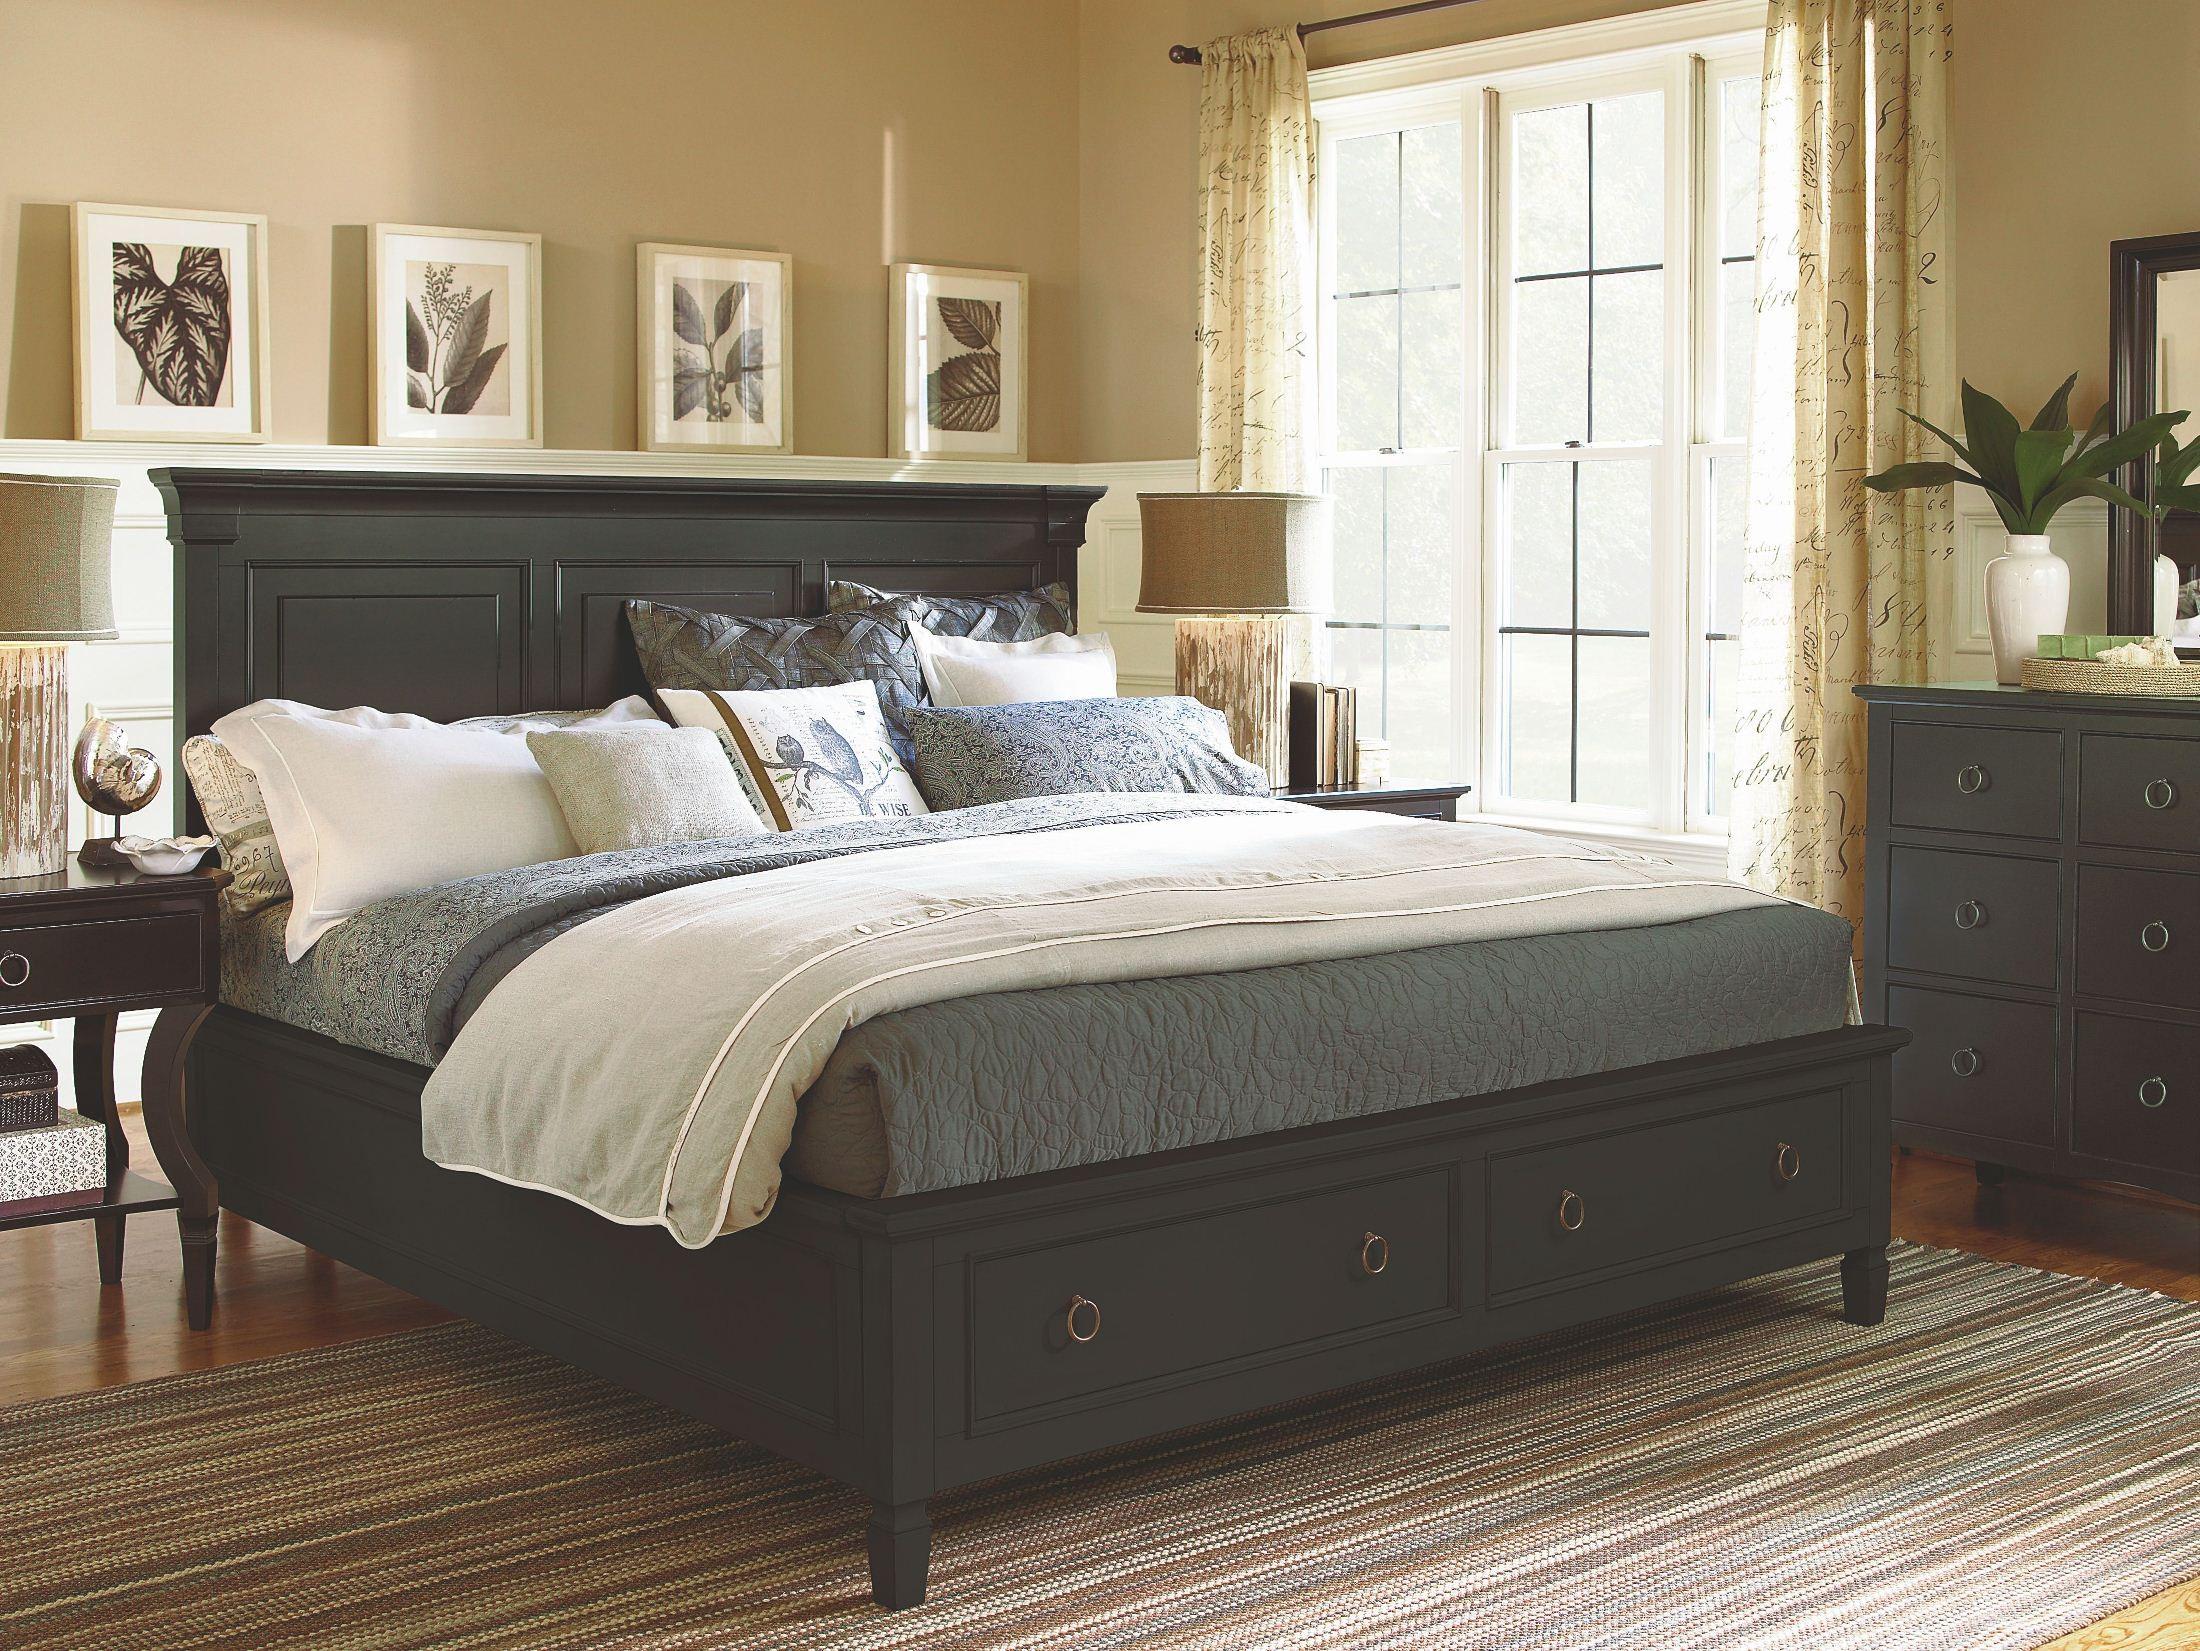 summer hill brown panel storage bedroom set from universal 988250sb coleman furniture. Black Bedroom Furniture Sets. Home Design Ideas